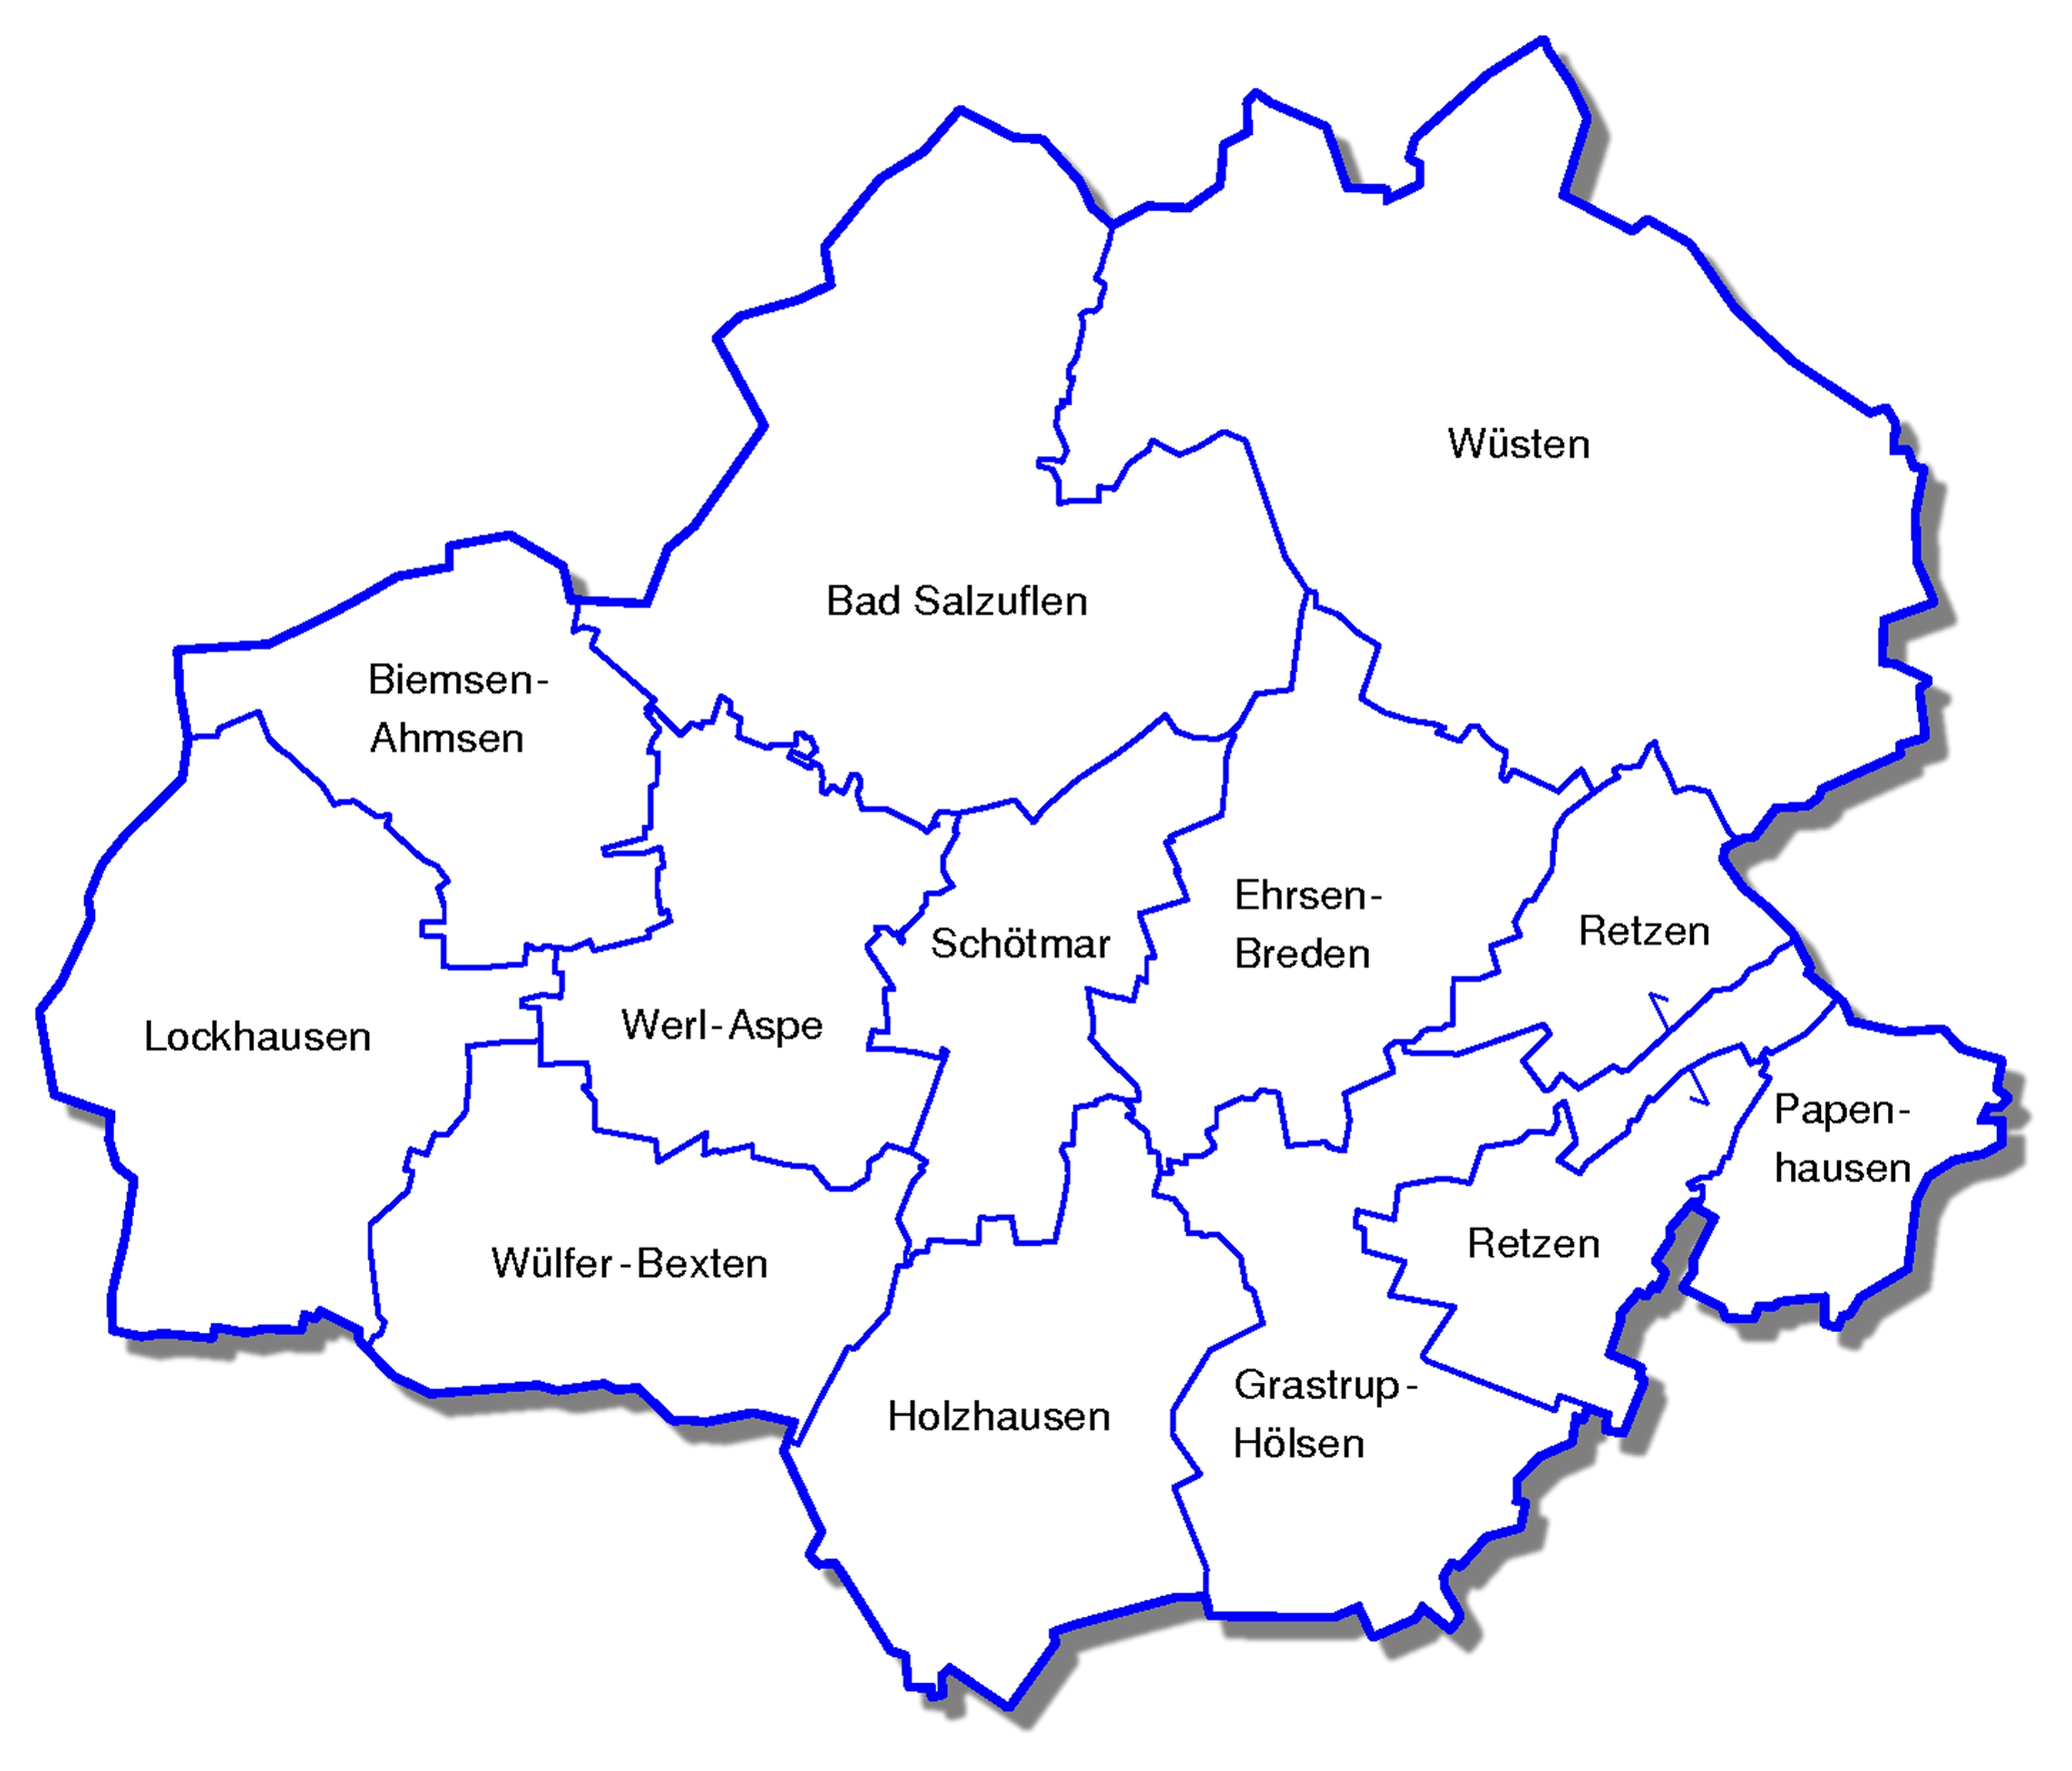 Übersicht über die Lage der Bad Salzufler Ortsteile